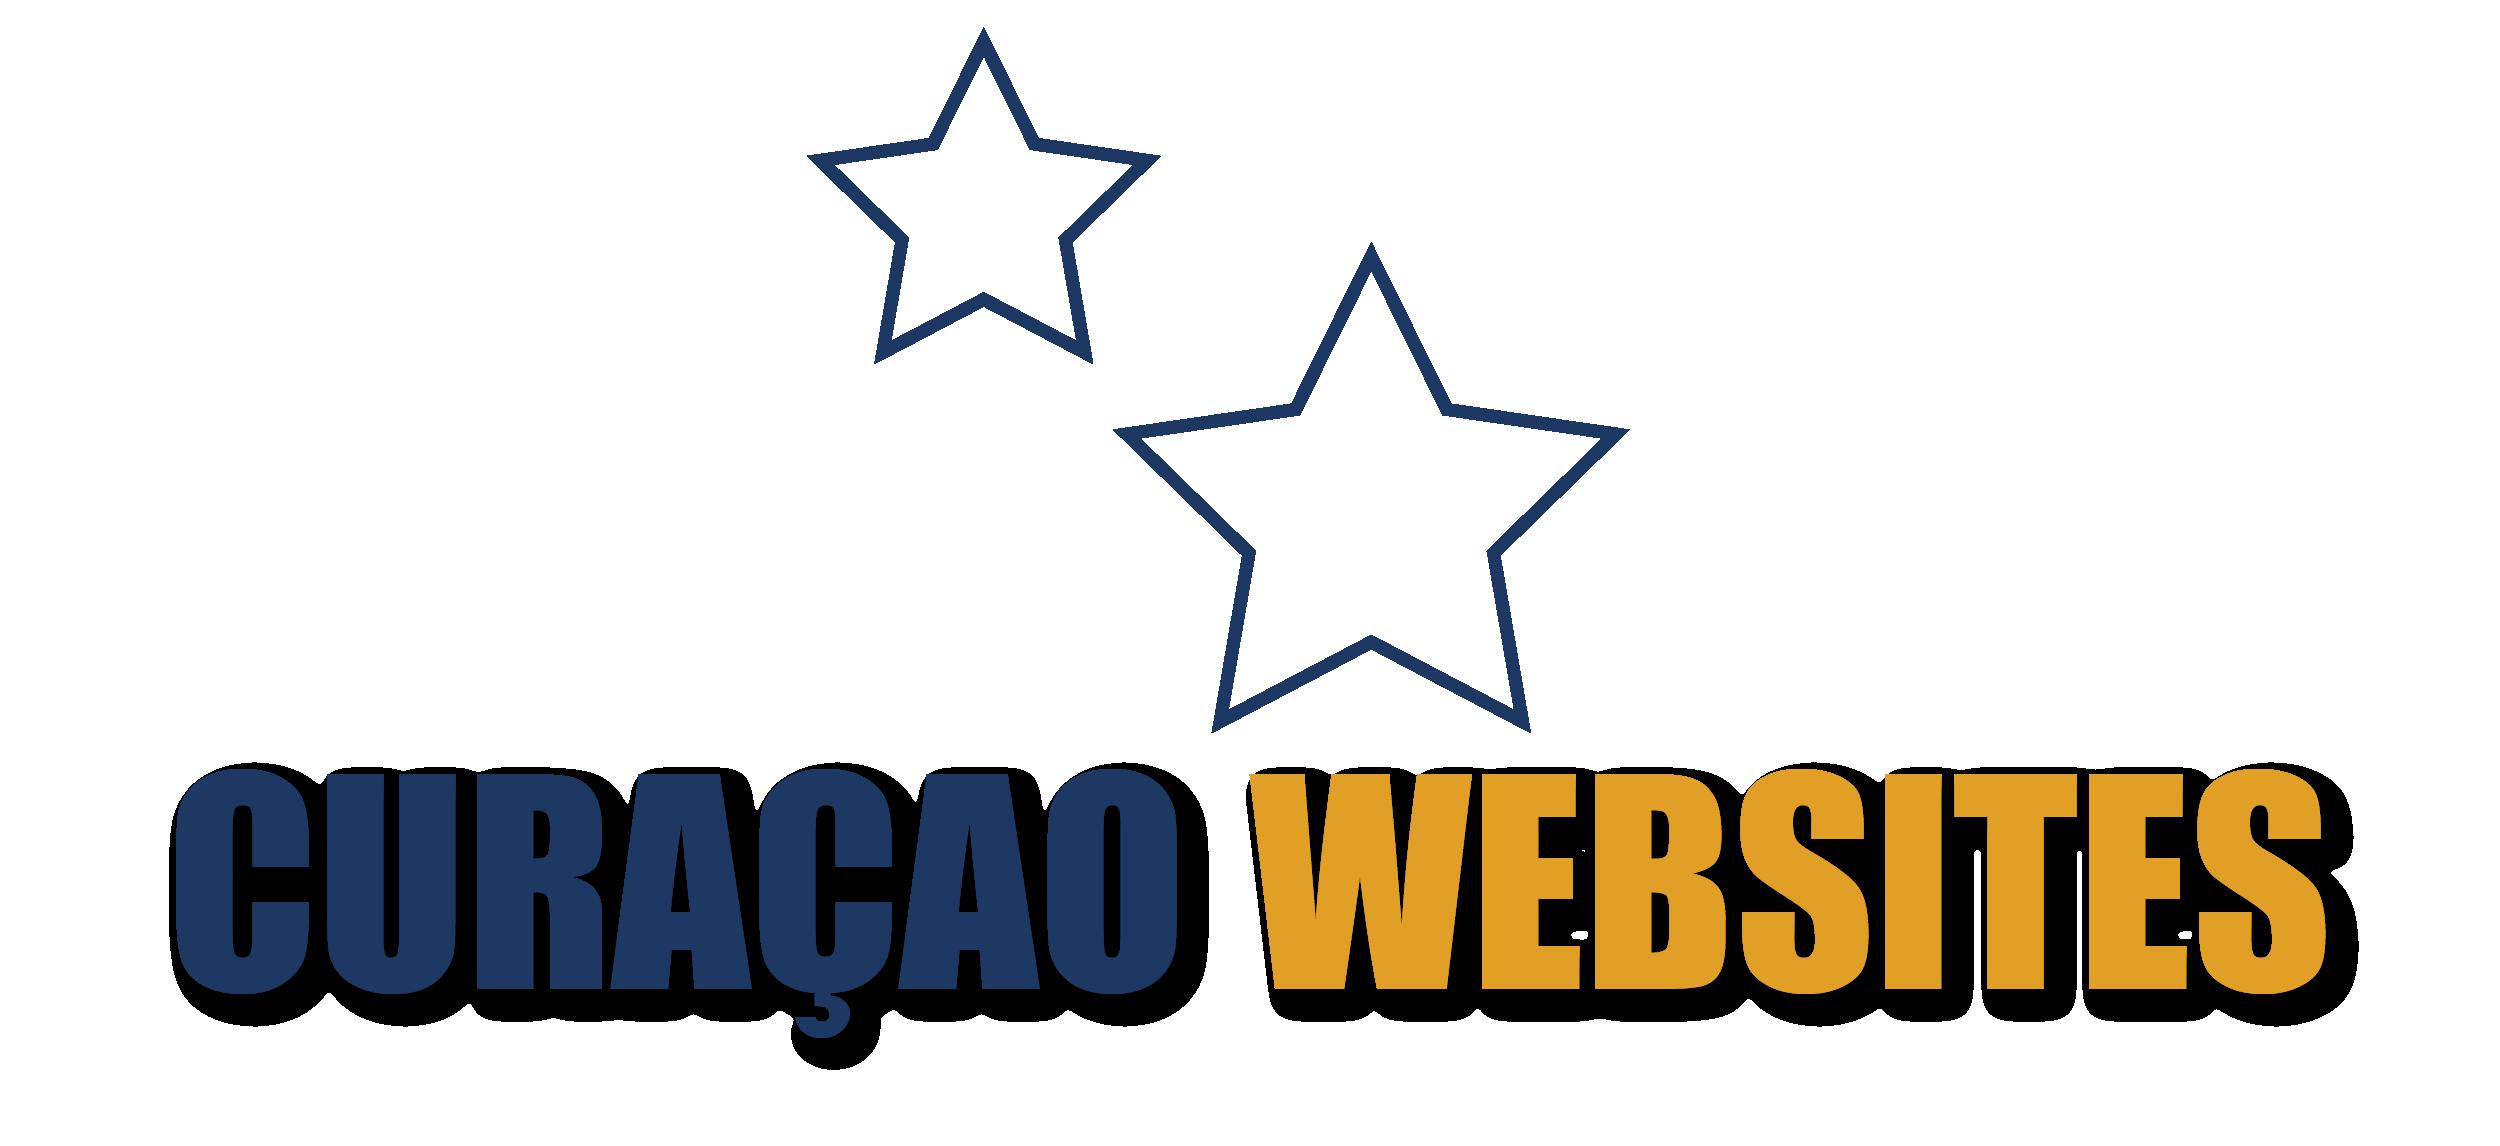 Curaçao Websites